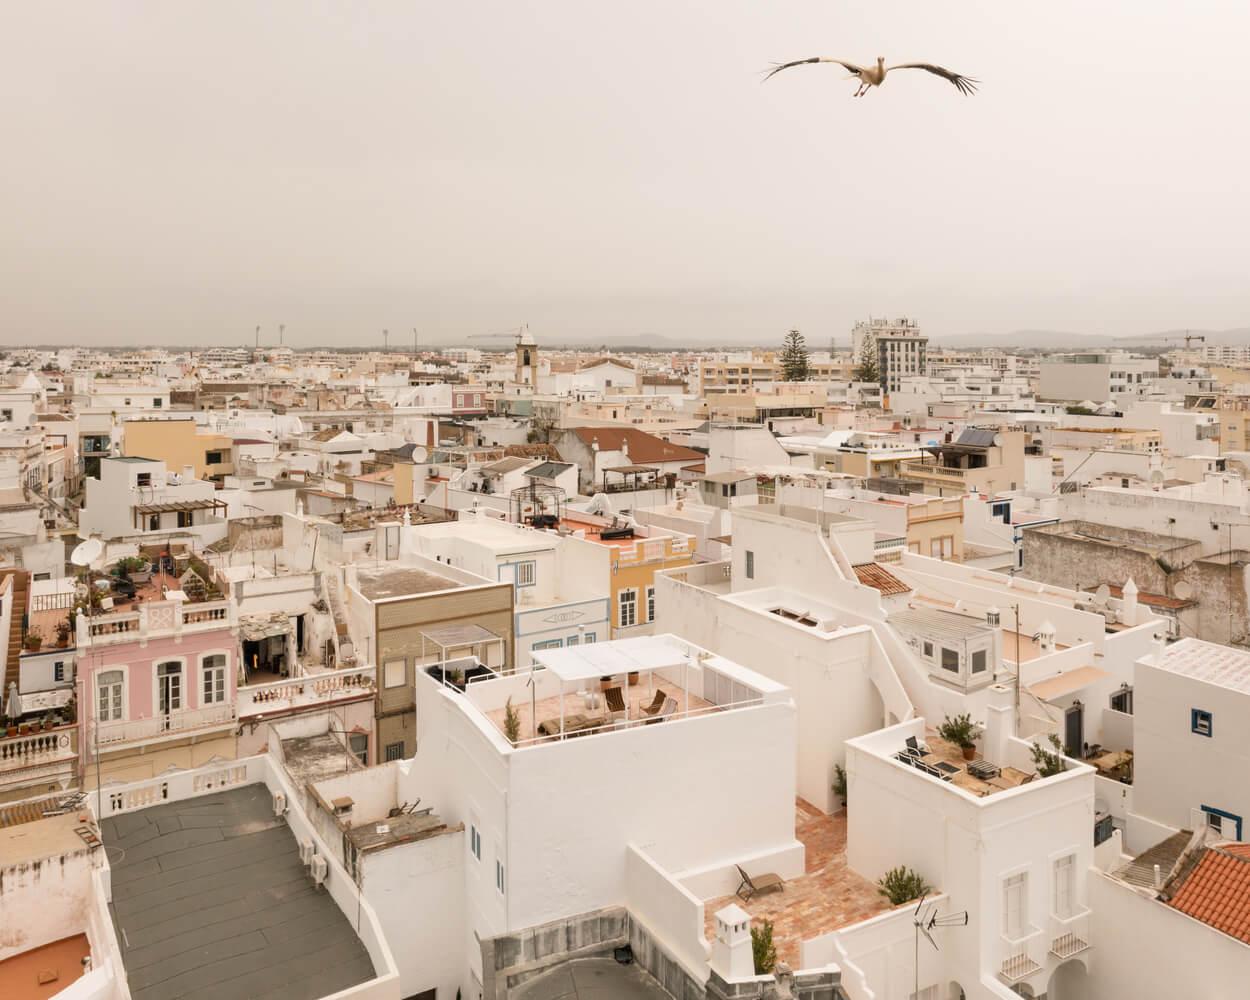 اخبار معماری، طراحی داخلی و دکوراسیون داخلی منزل در پرتغال ۲۰۲۱